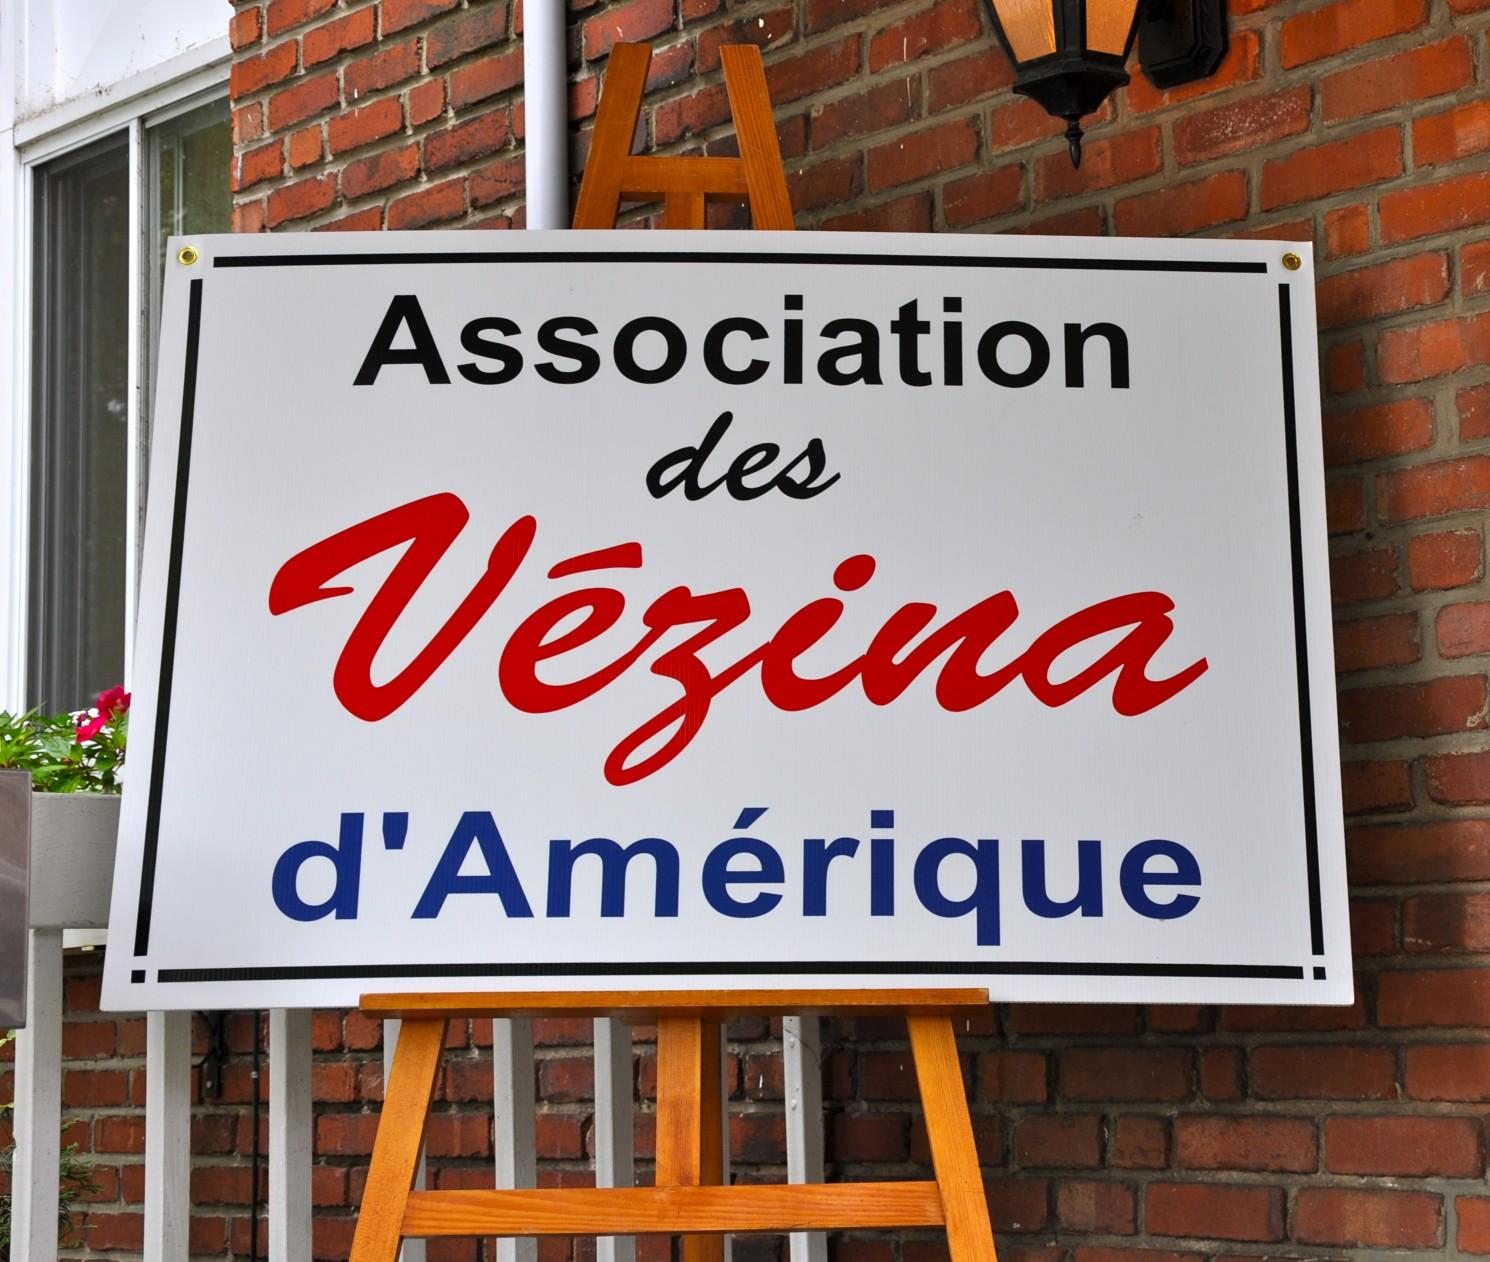 affiche de l'Association des Vézina